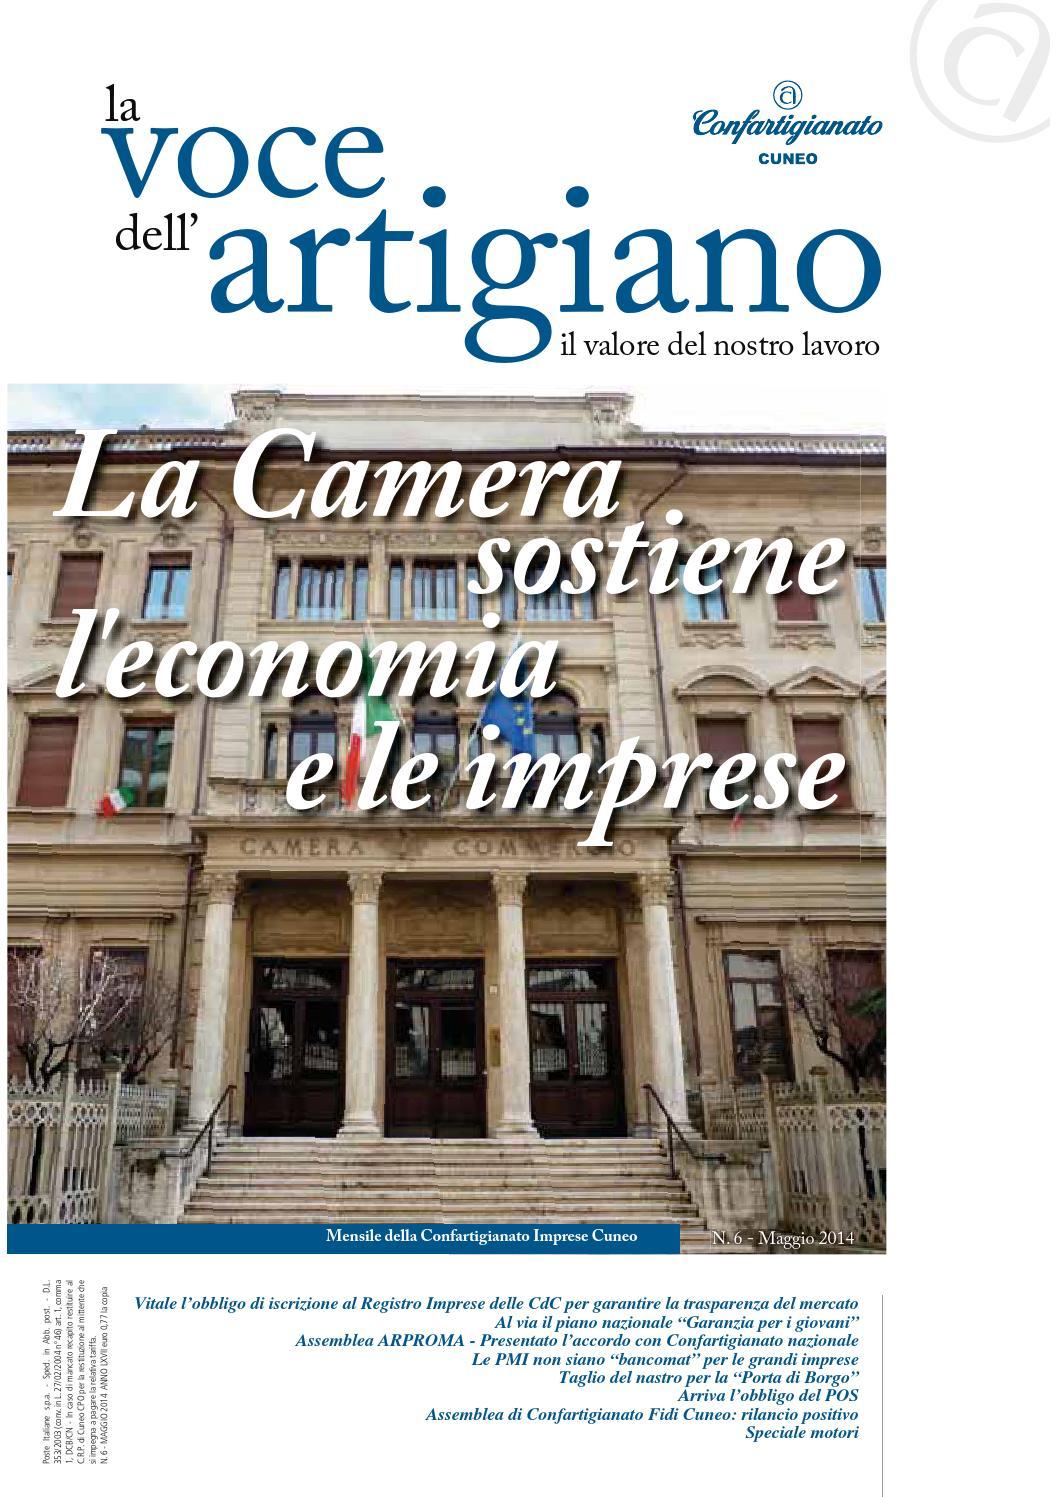 La Voce dell Artigiano – Maggio 2014 by Confartigianato Cuneo - issuu 45cd14aebe3